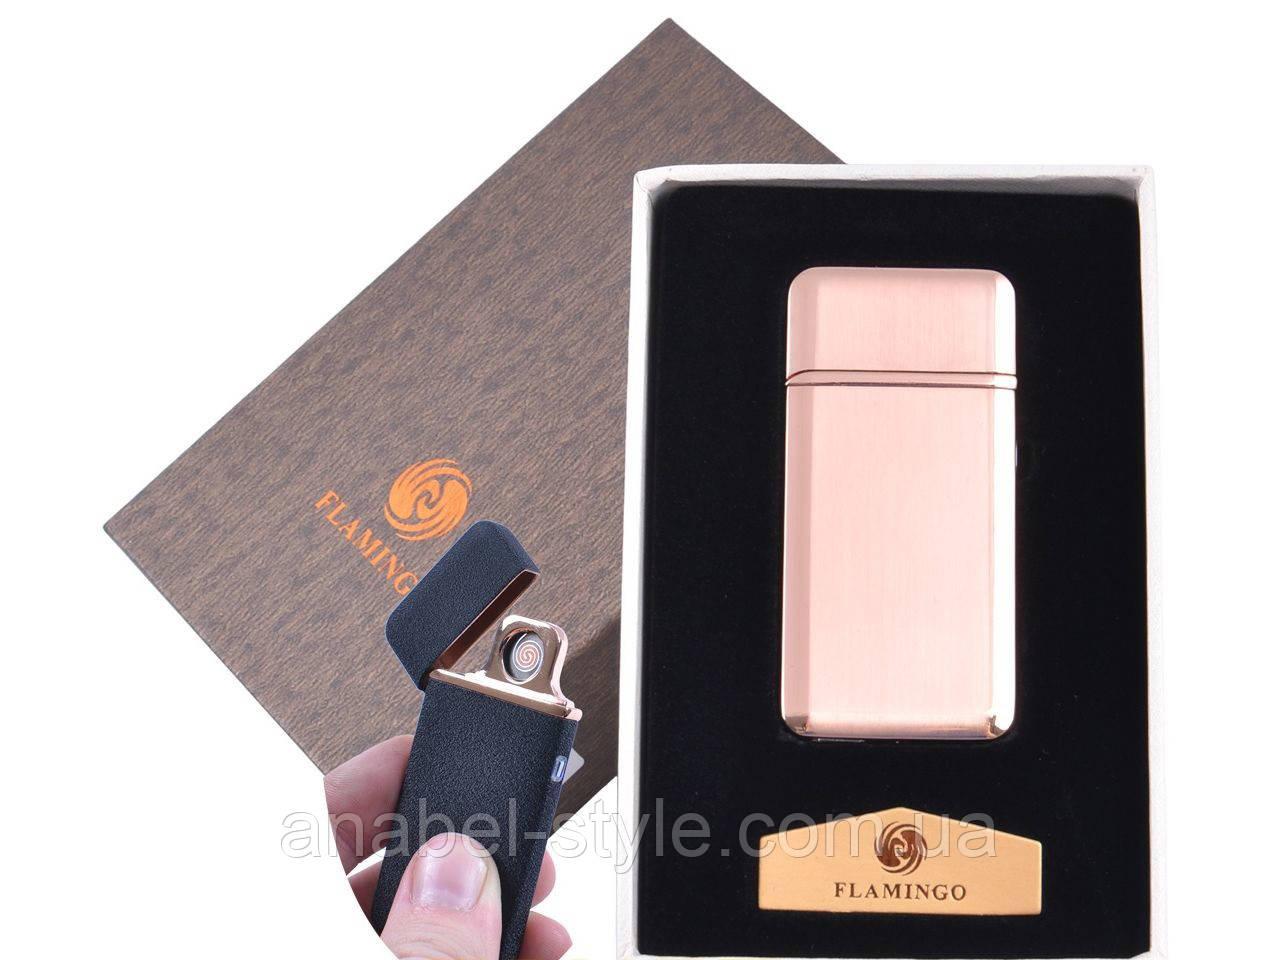 """USB  зажигалка в подарочной упаковке """"Flamingo"""" (Двухсторонняя спираль накаливания) №XT-4880-2 Код 120553"""